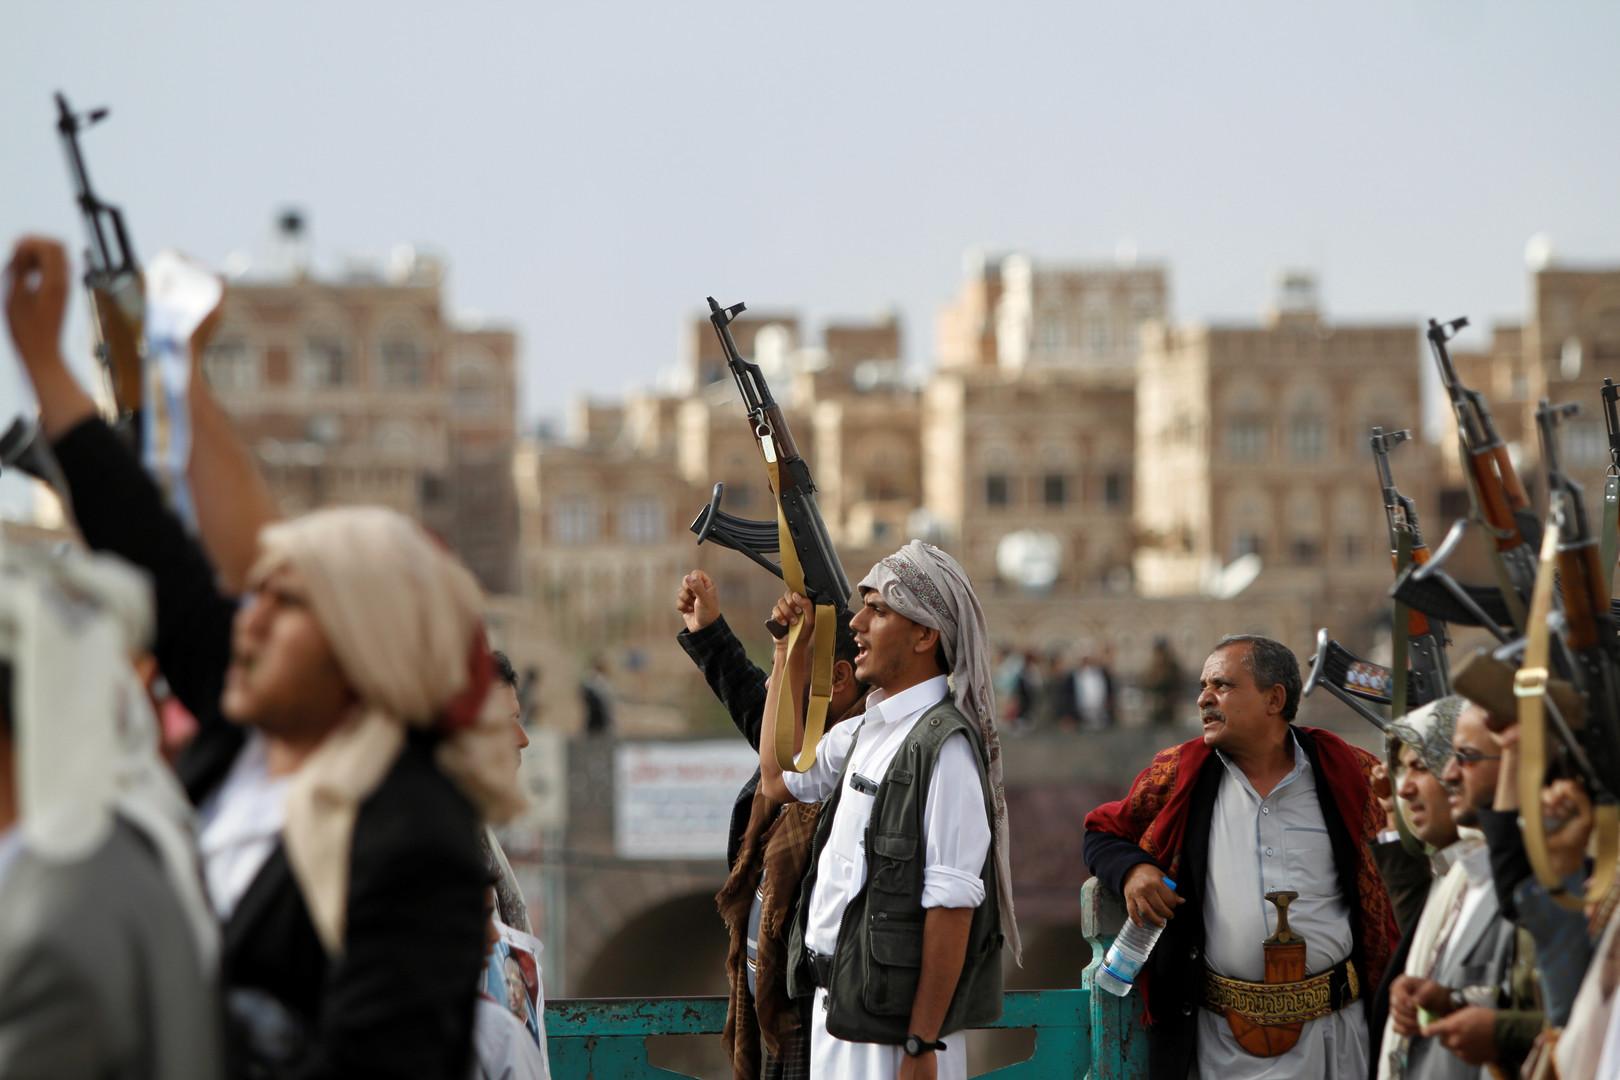 مسلحون تابعون لجماعة أنصار الله (الحوثيون) في اليمن